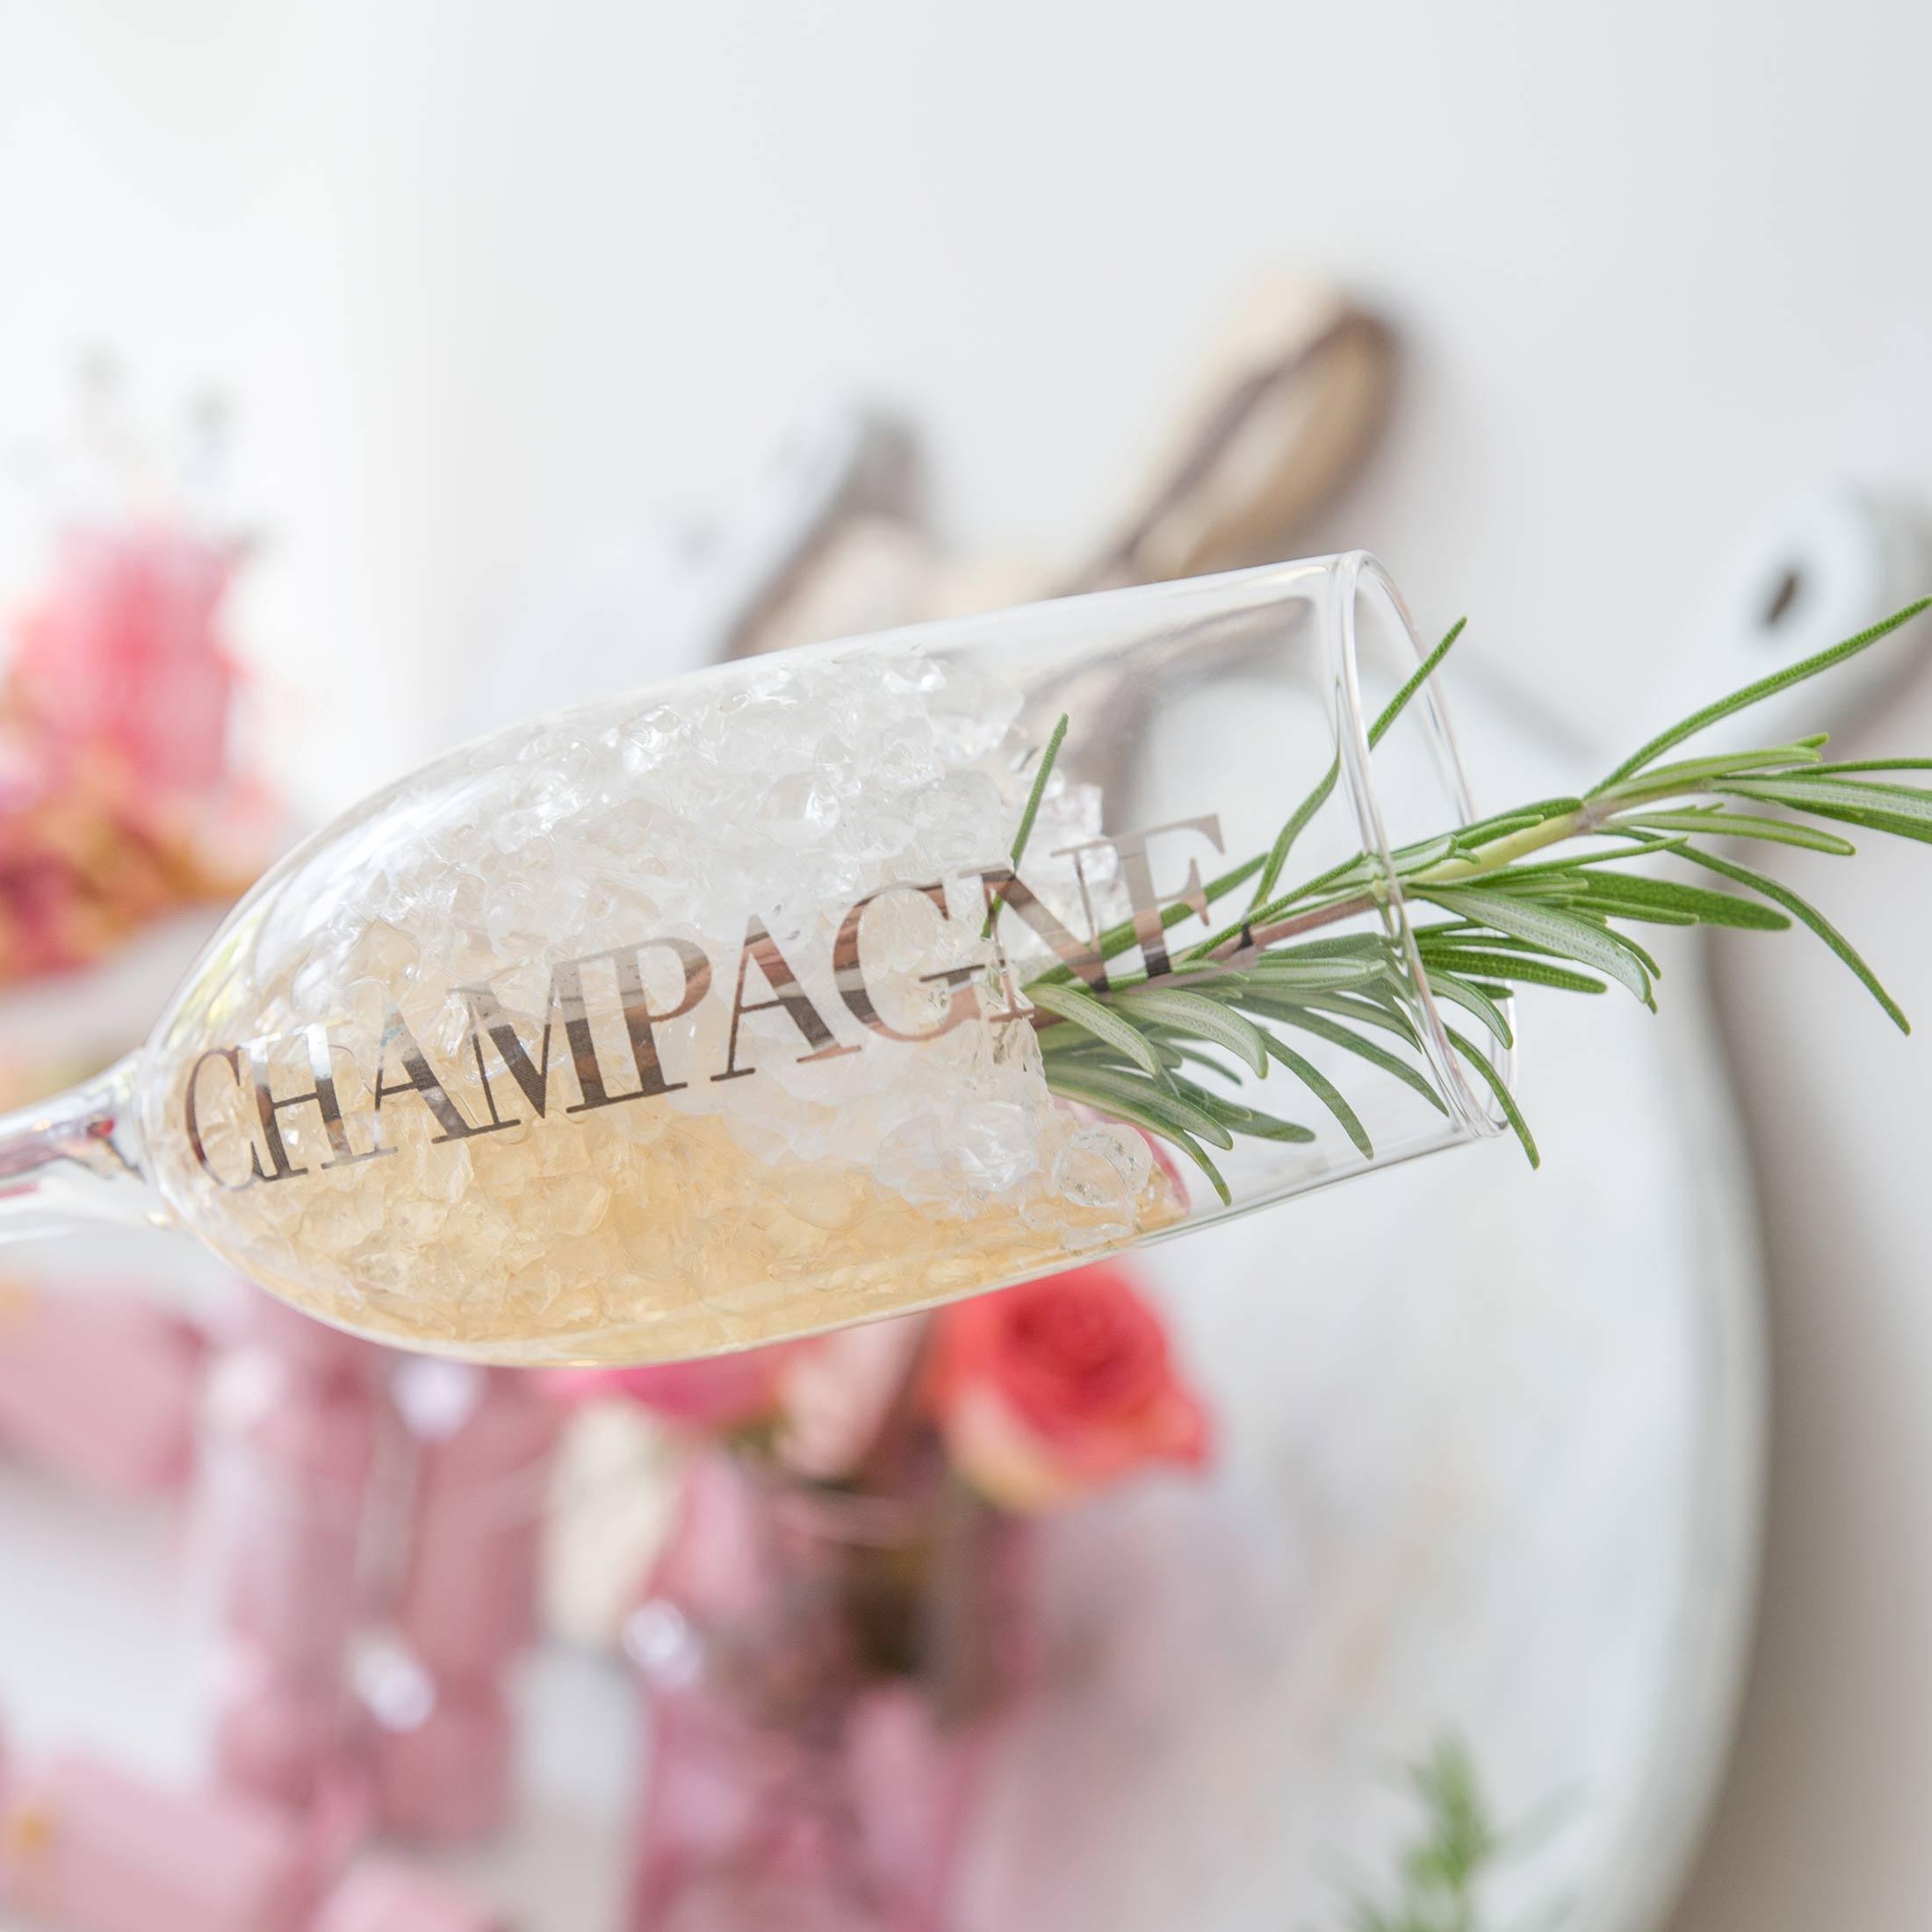 """Champagner Glas in Silber von der Marke Jline. Die festlichen Champagner-Gläser tragen den Schriftzug """"Champagne"""" und laden zum Feiern ein"""